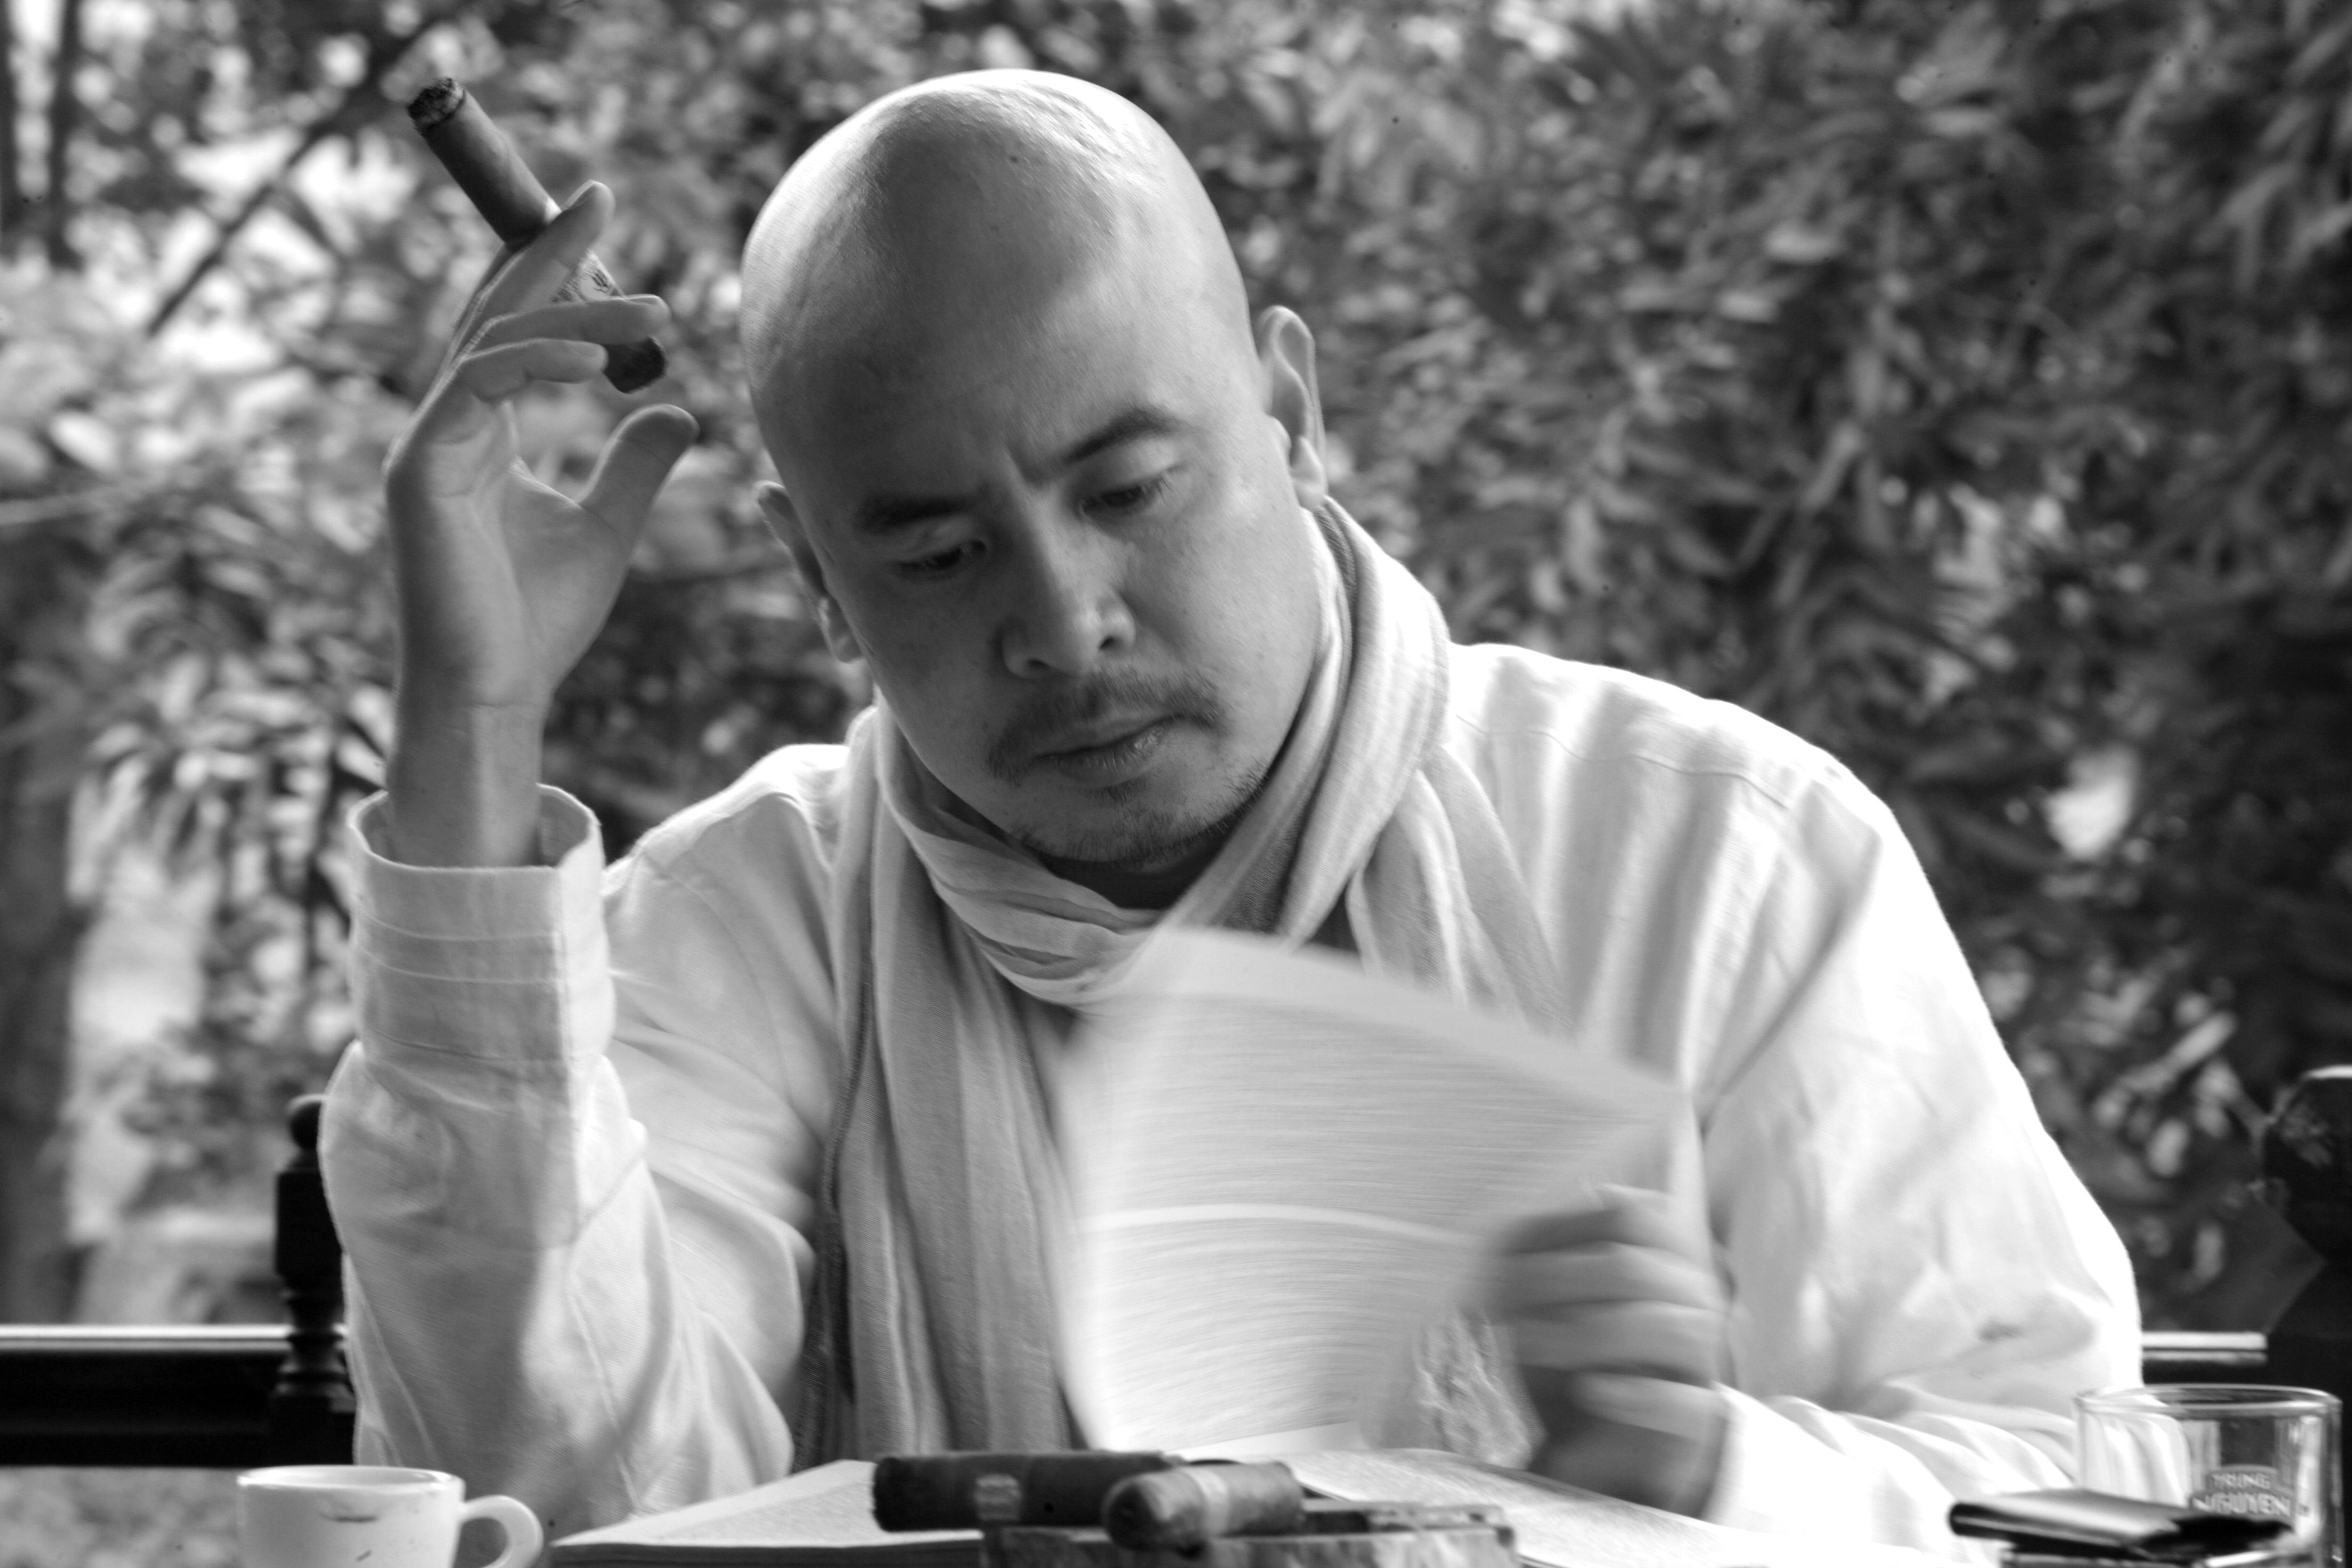 Ông Đặng Lê Nguyên Vũ đang tiến hành hoàn tất thủ tục ly hôn với vợ-bà Lê Hoàng Diệp Thảo. Ảnh: Internet